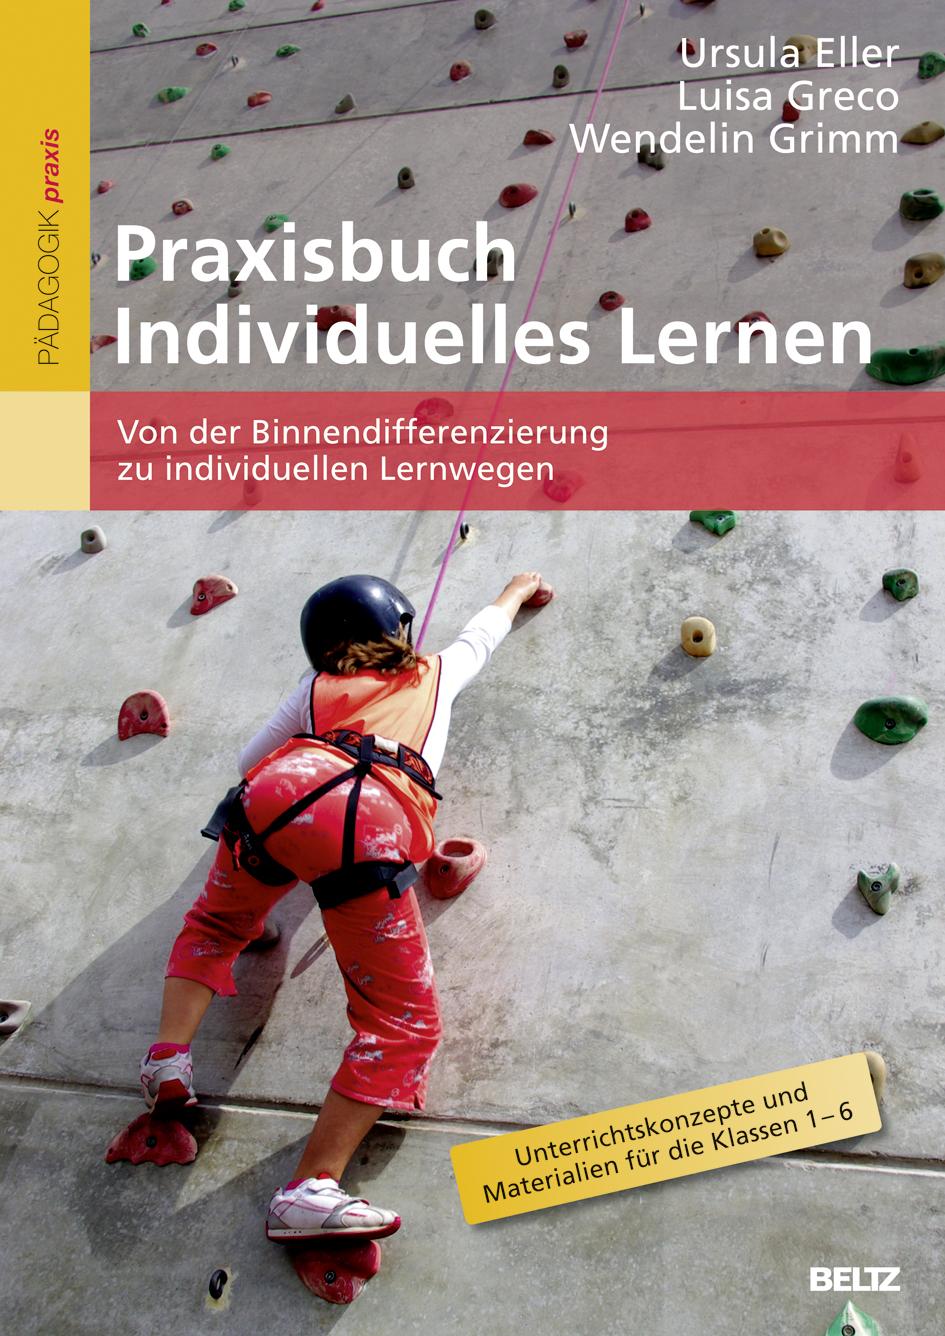 NEU Praxisbuch Individuelles Lernen Ursula Eller 626943